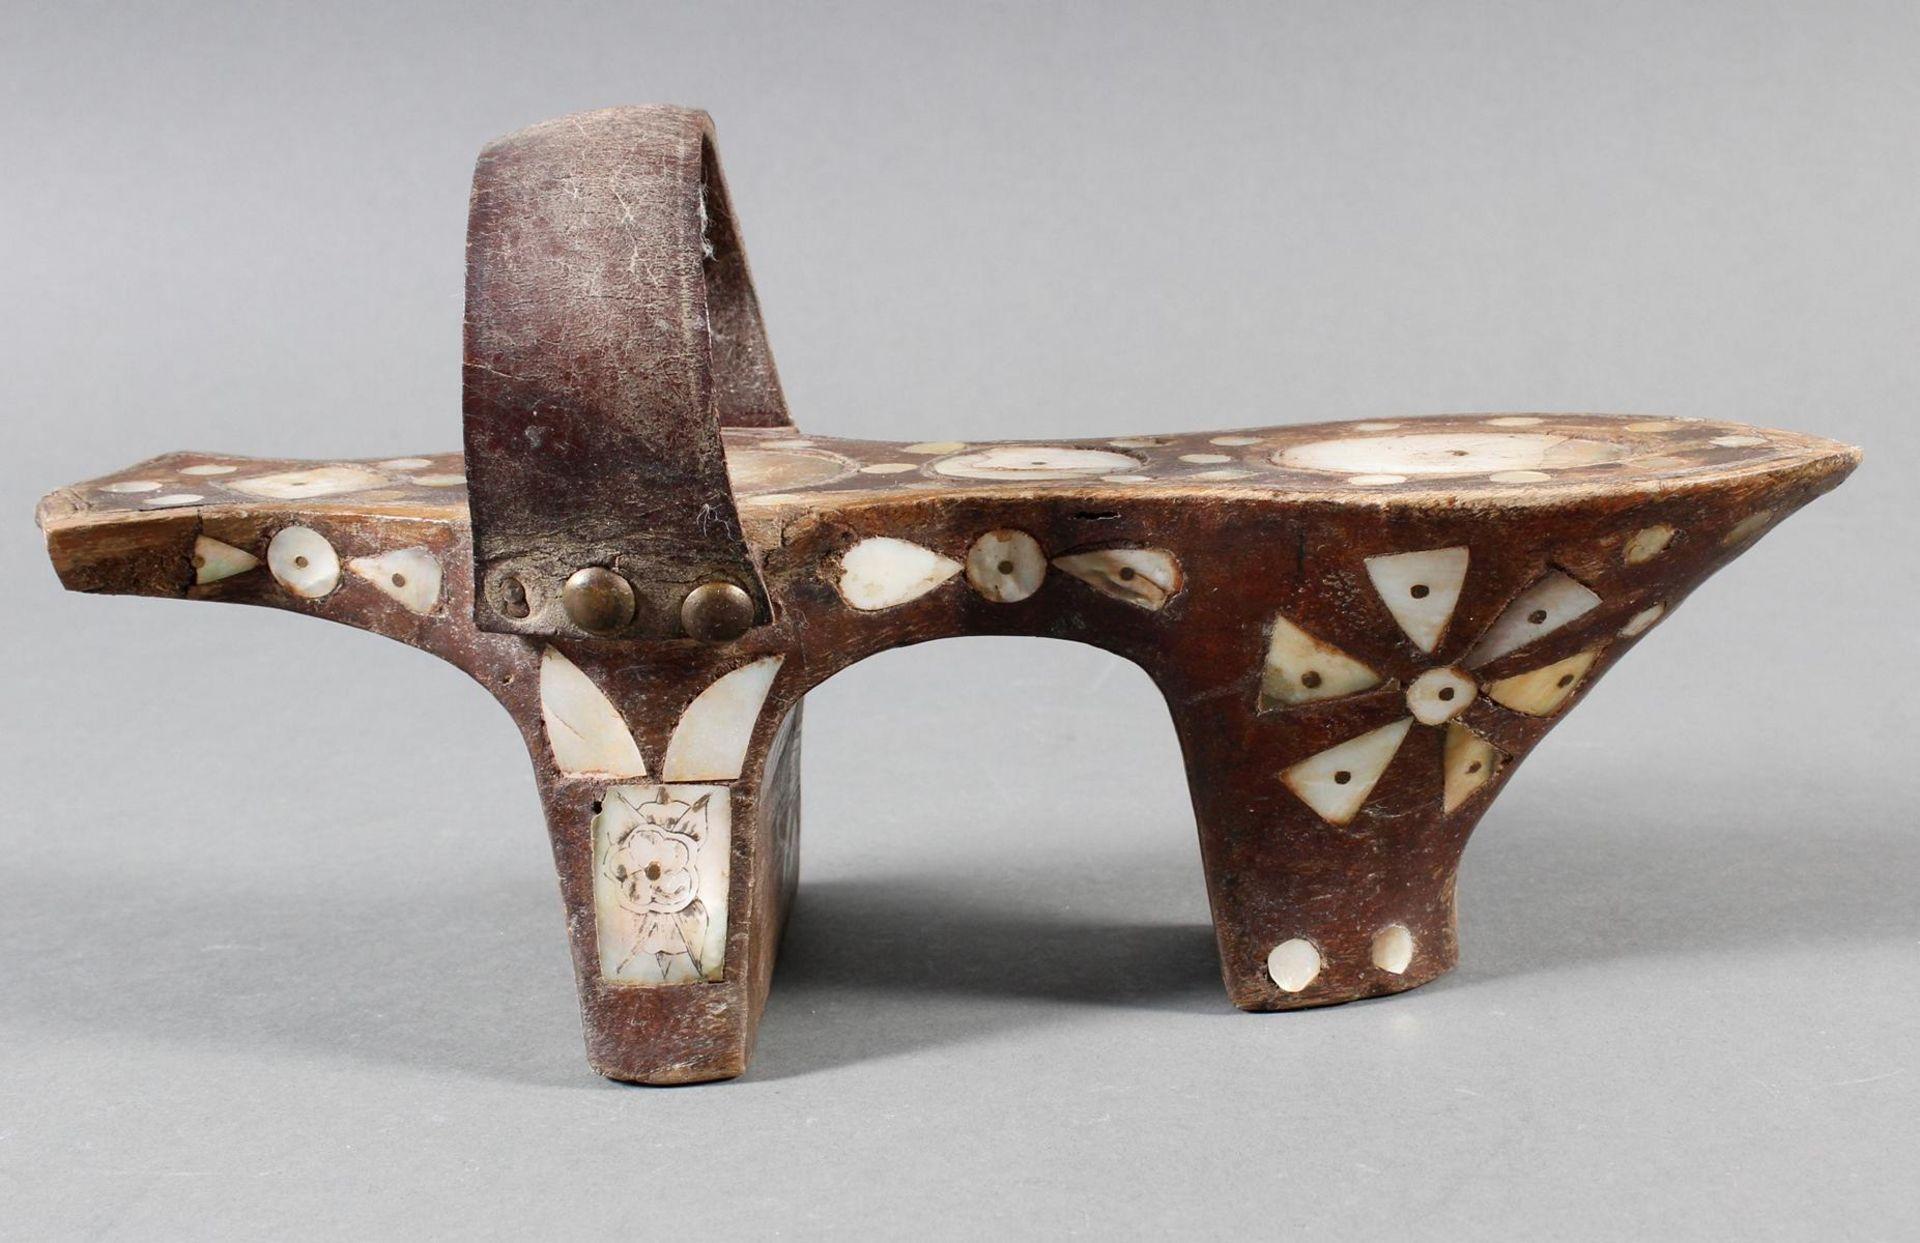 Stelzenschuh-Paar, China, 18. / 19. Jahrhundert - Bild 6 aus 15